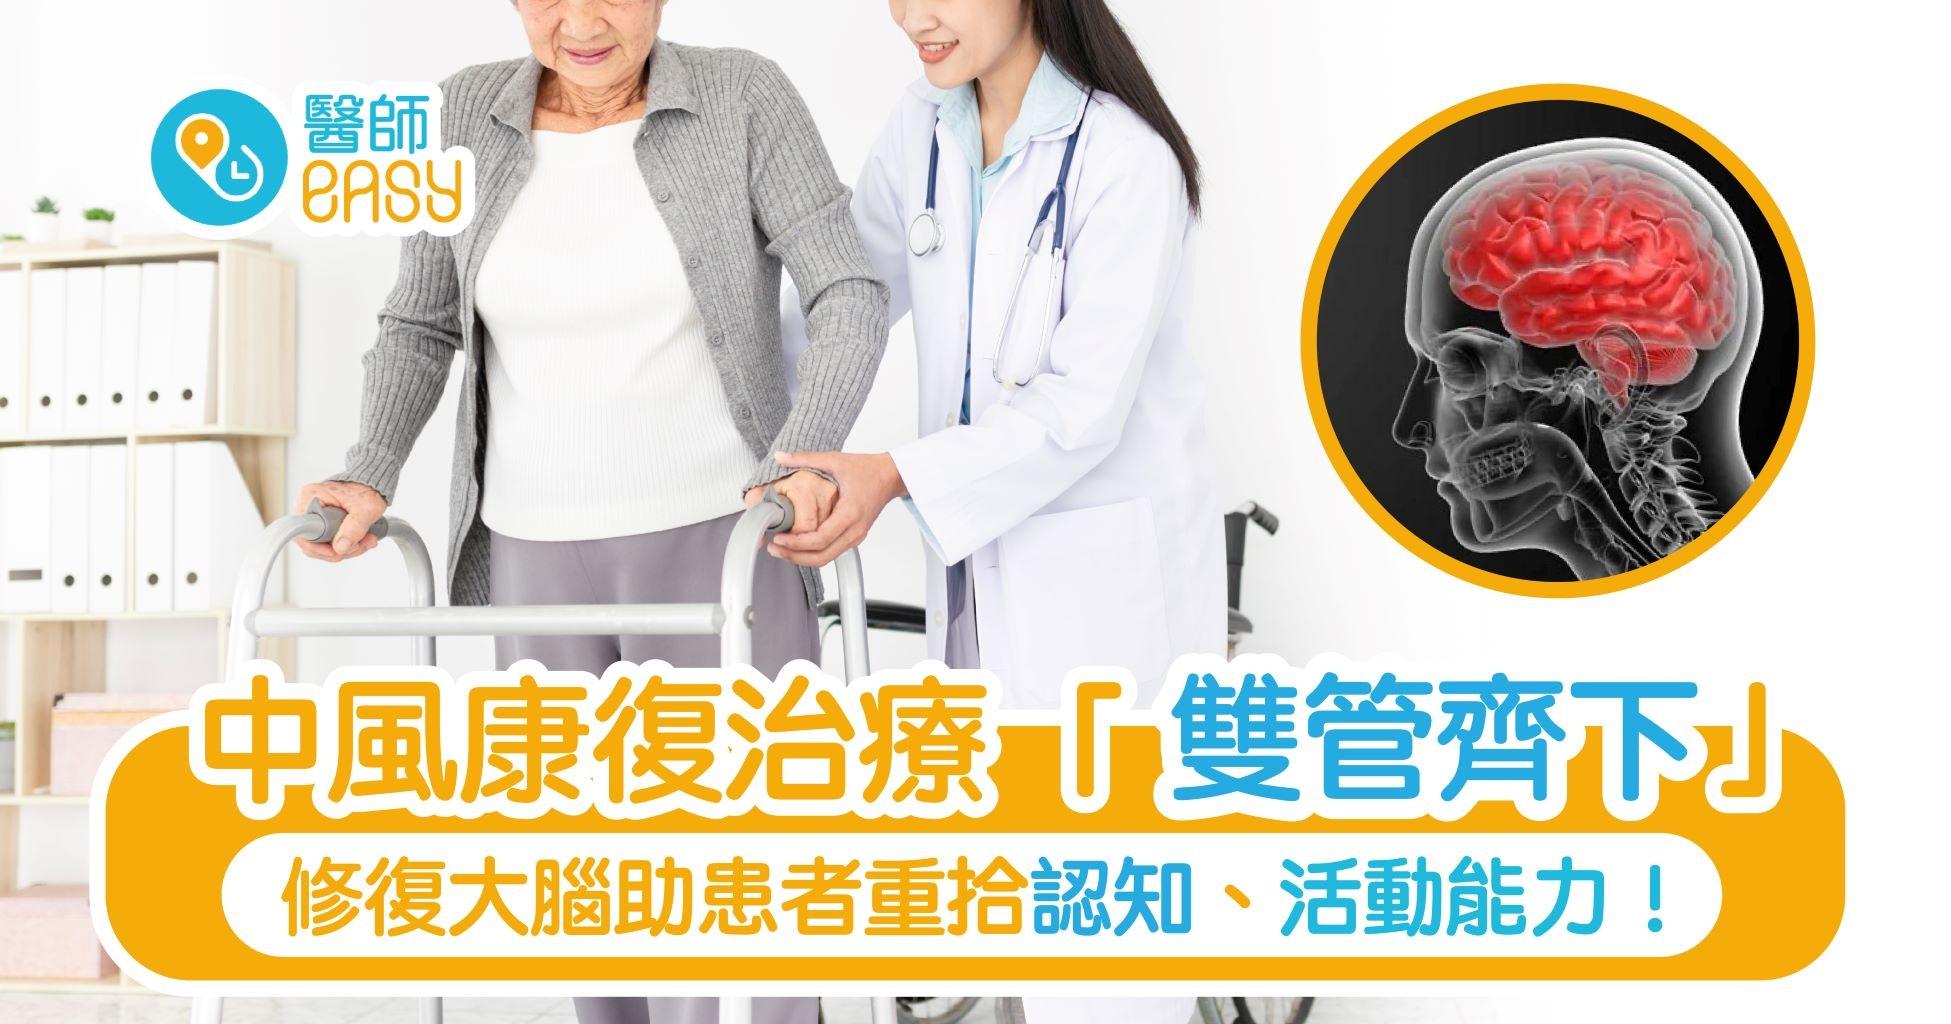 「雙管齊下」修復中風患者受損大腦 重拾活動認知能力